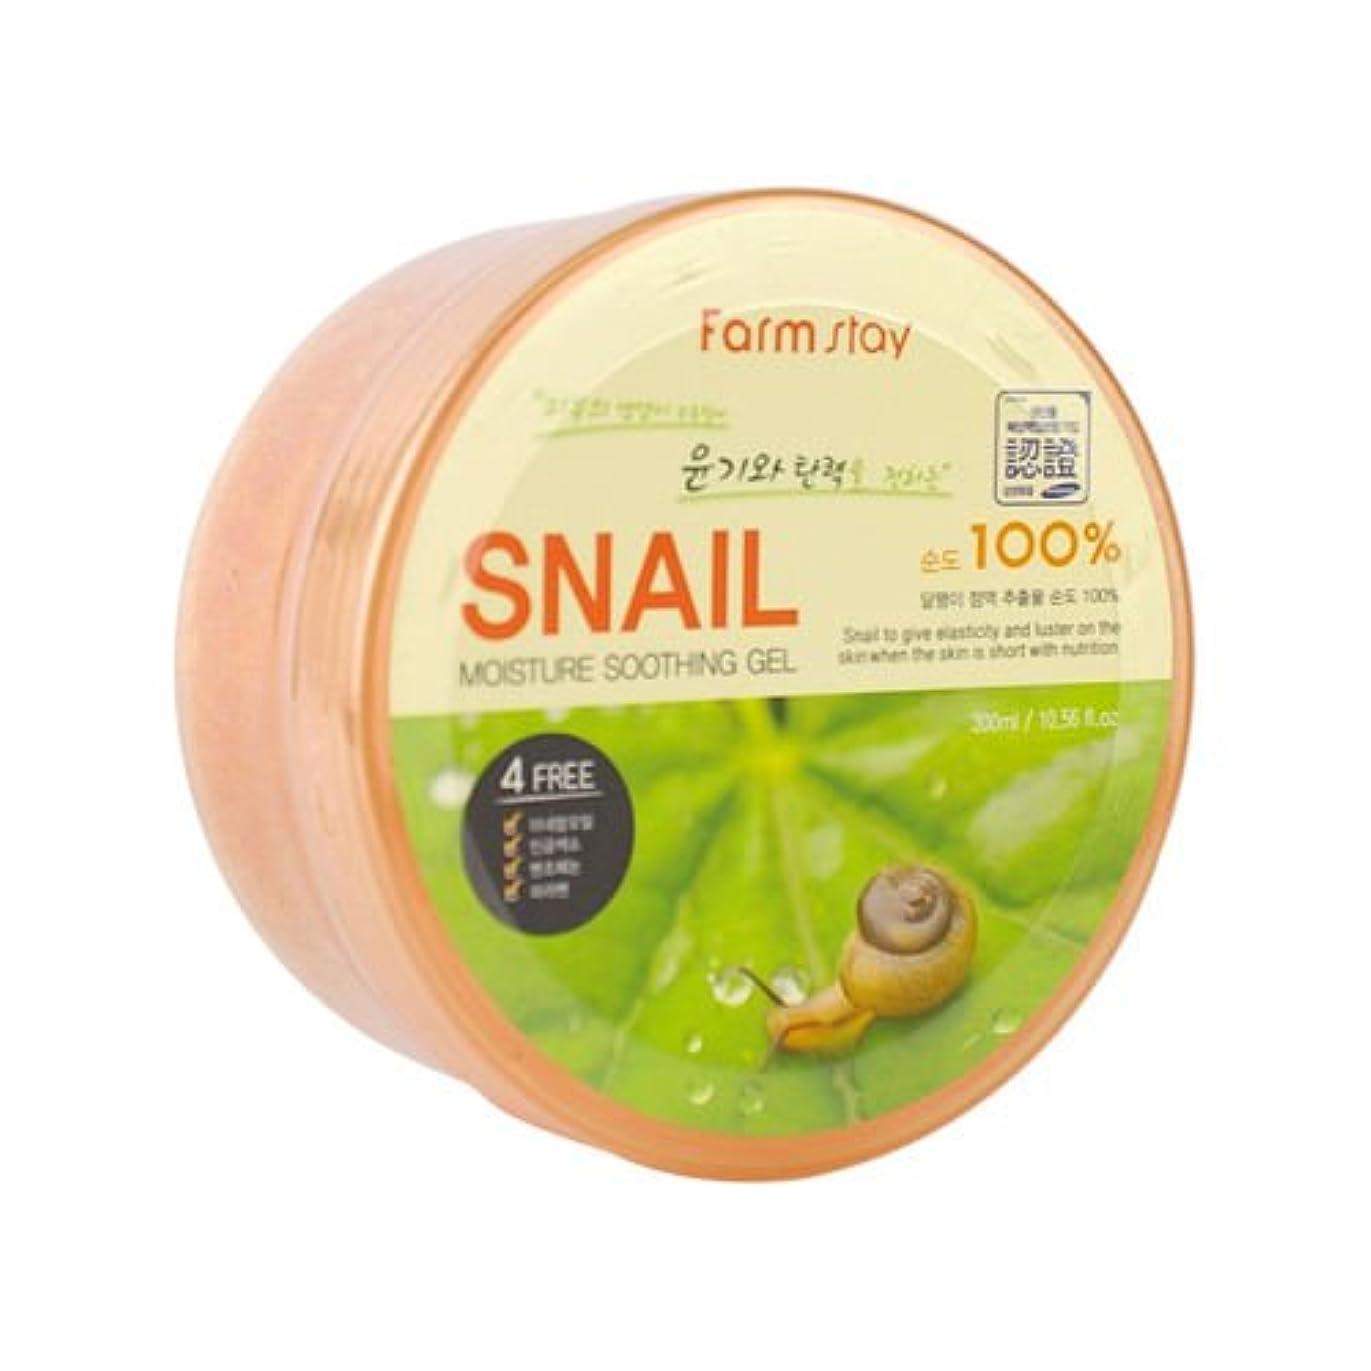 松の木ピアノを弾くラウンジFarm Stay Snail Moisture Soothing Gel 300ml /Snail extract 100%/Skin Glowing & Elasticity Up [並行輸入品]